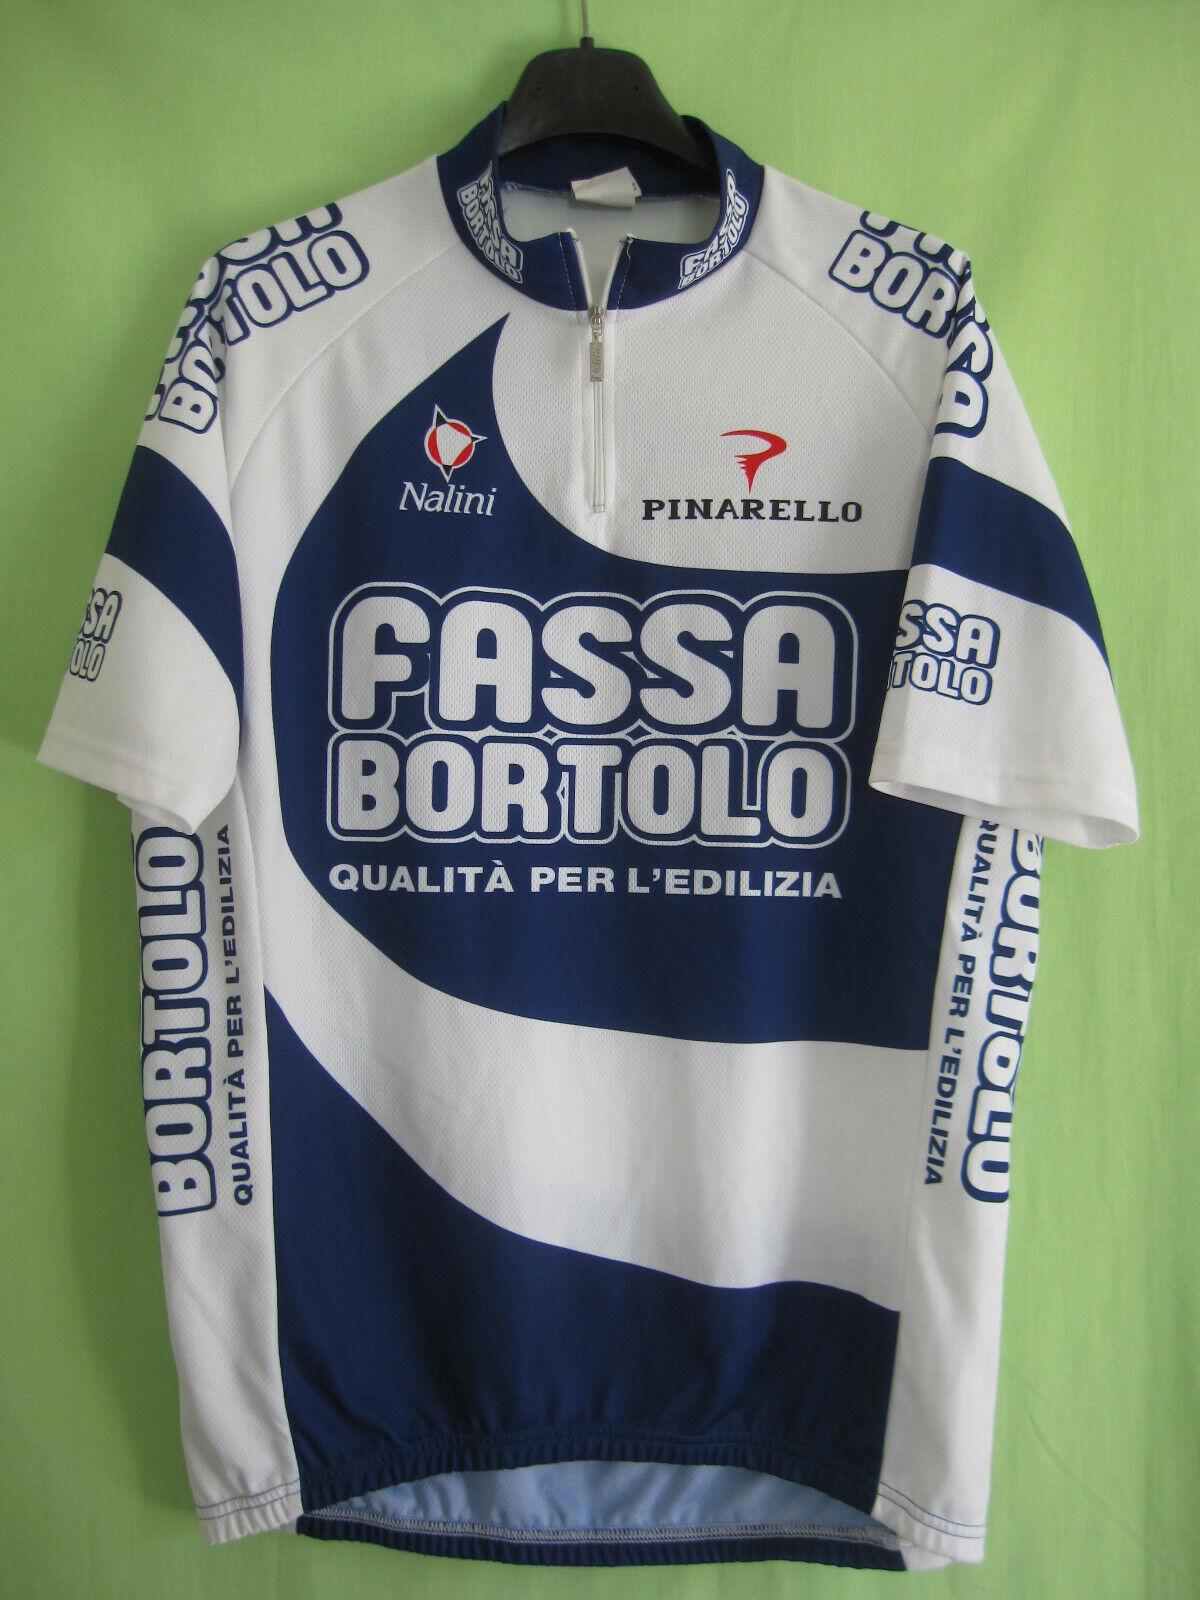 Maillot cycliste Fassa Bortolo 2004 cycling Nalini Cycles jersey - 4   L